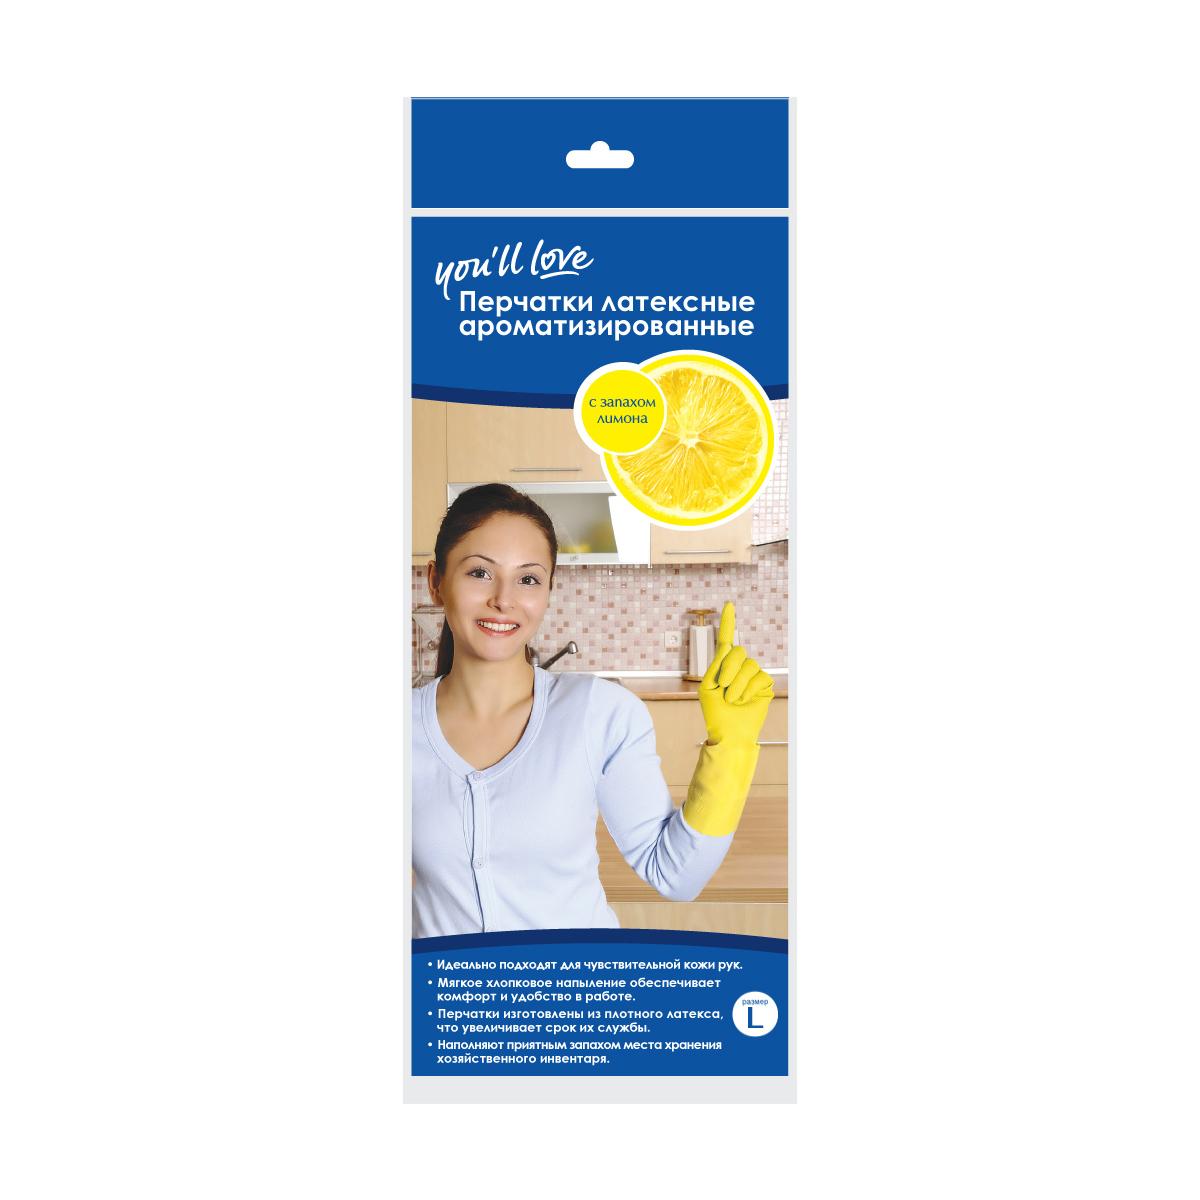 Перчатки латексные ароматизированные Youll love, аромат лимона. Размер L60317_размер LПерчатки латексные ароматизированные Youll love с хлопковым напылением защищают ваши руки от загрязнений, воздействия моющих и чистящих средств. Приятный аромат при использовании и в местах хранения. Плотный латекс увеличивает срок службы перчаток. Рифленая поверхность в области ладони защищает от скольжения.